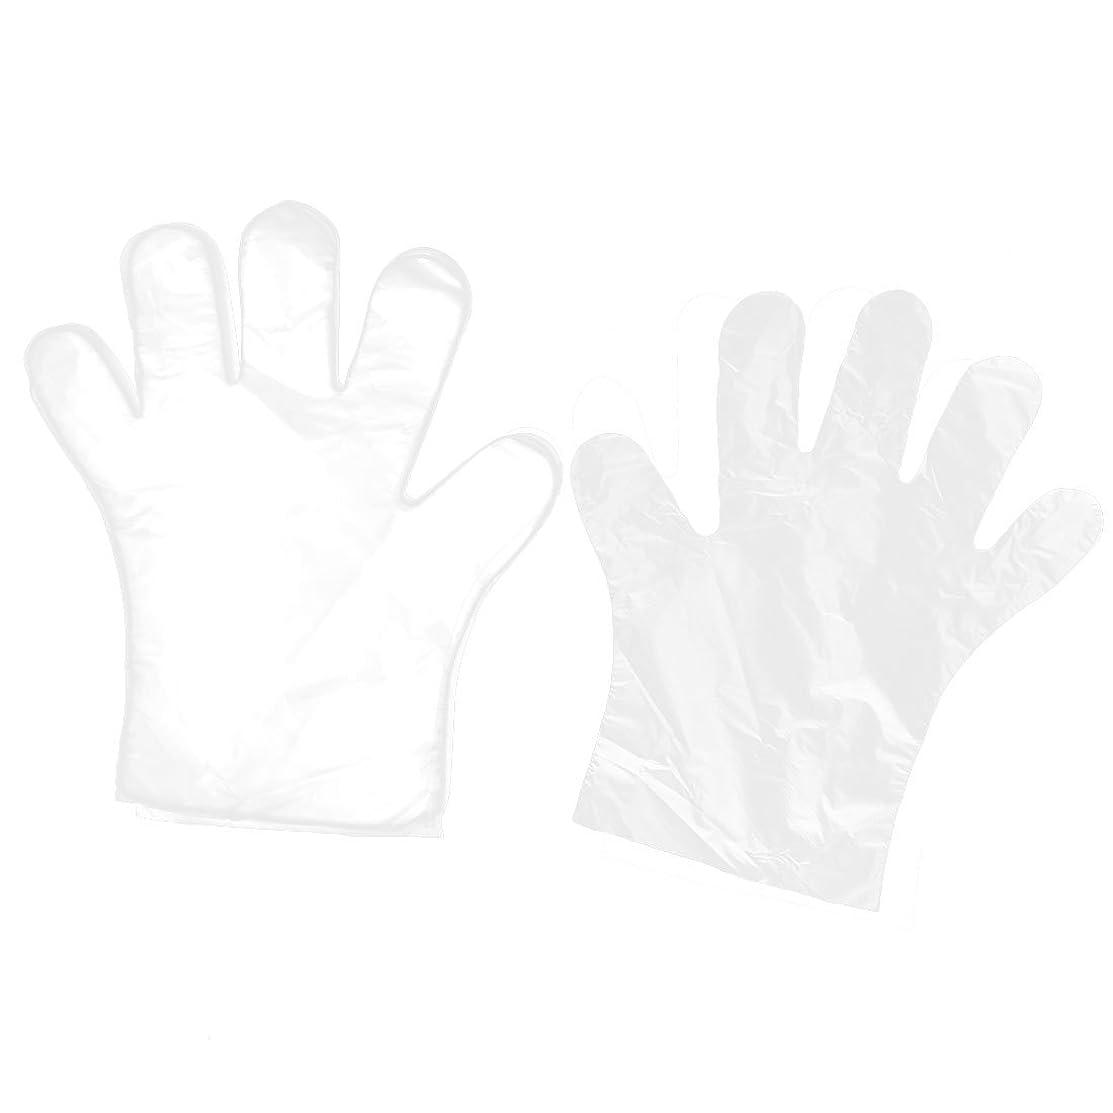 モトリー束ねる残りuxcell 使い捨て手袋 家キッチン レストラン の食べ物サービス ハンド用 透明 100個入り